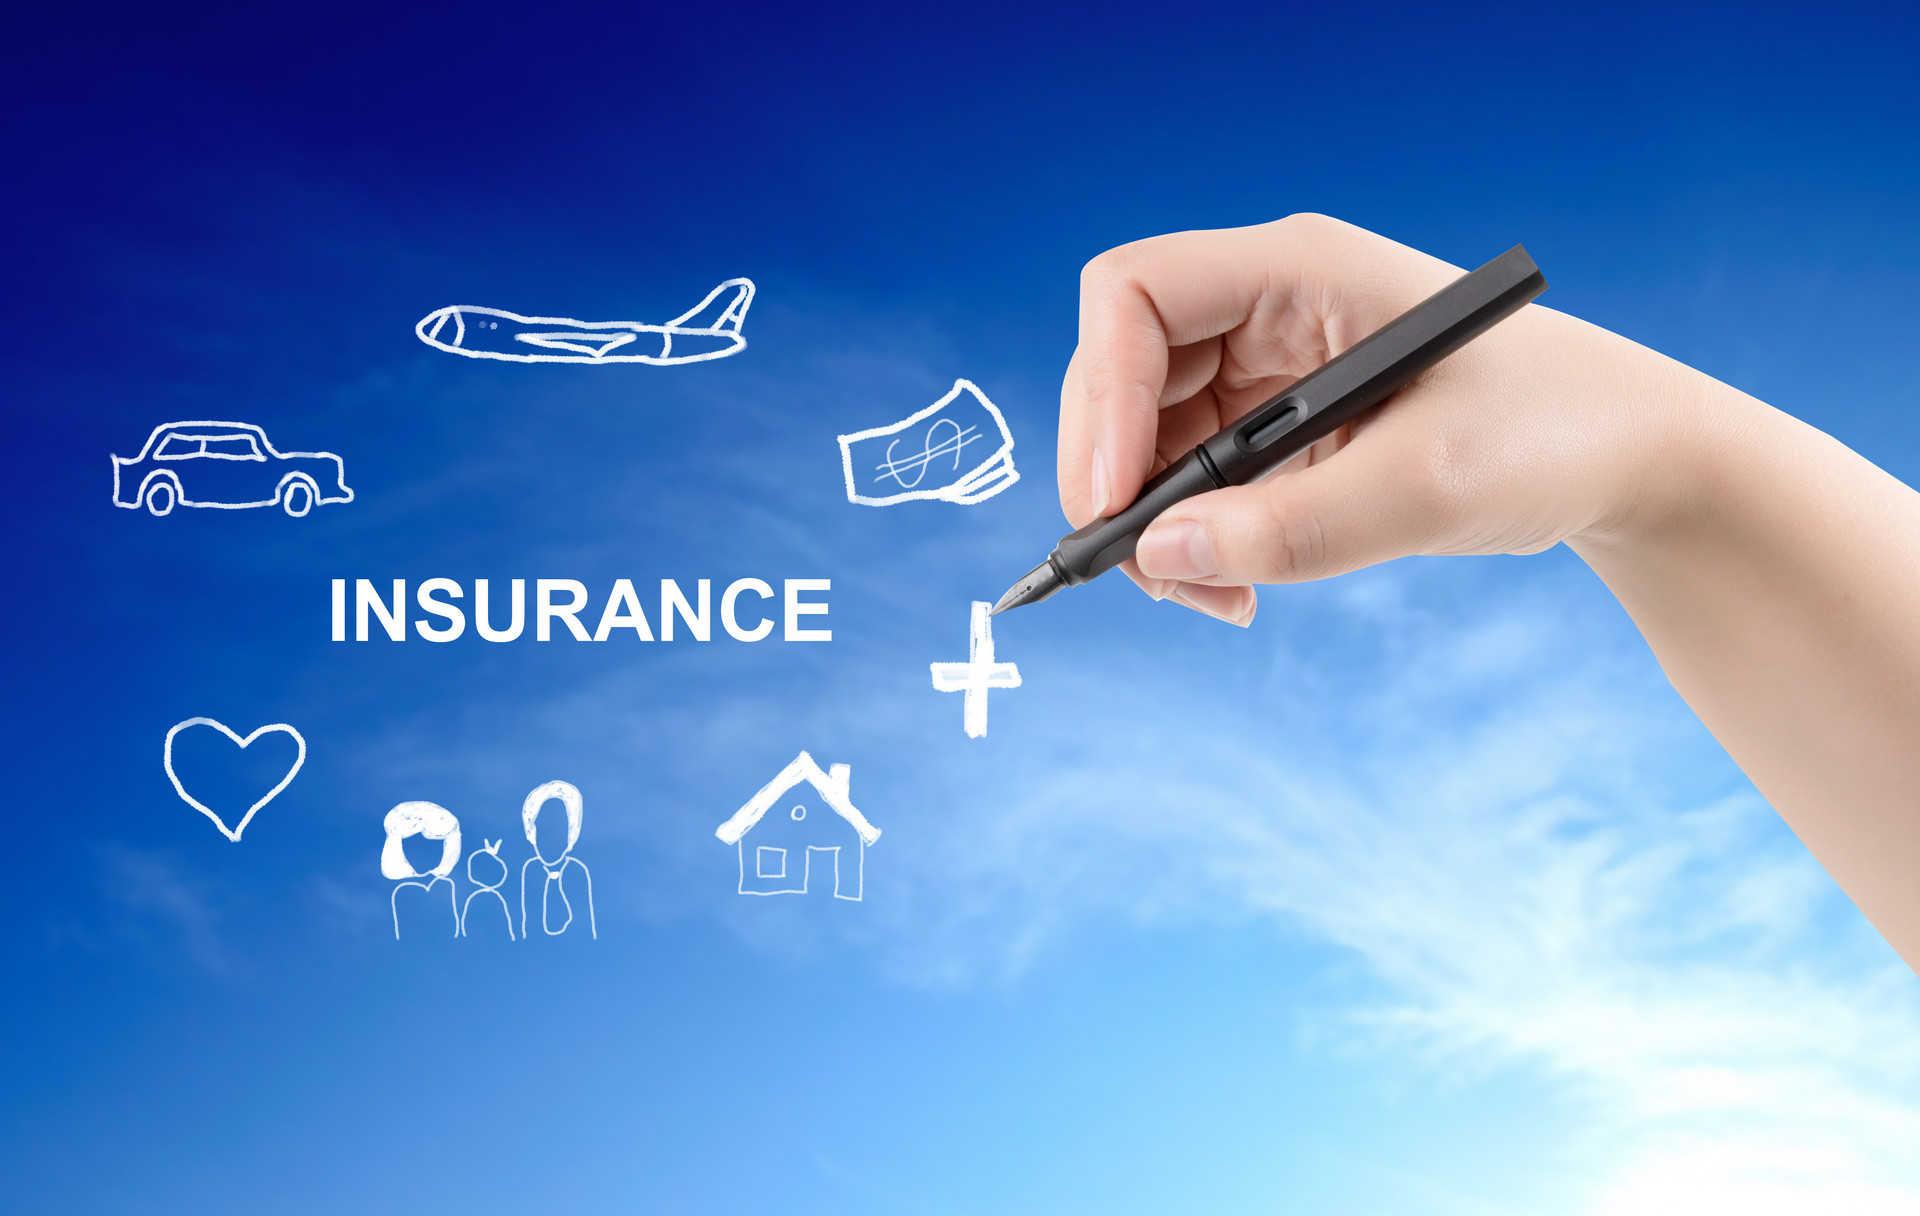 企业办理社会保险金缴费基数,代缴社保的企业,代理社保